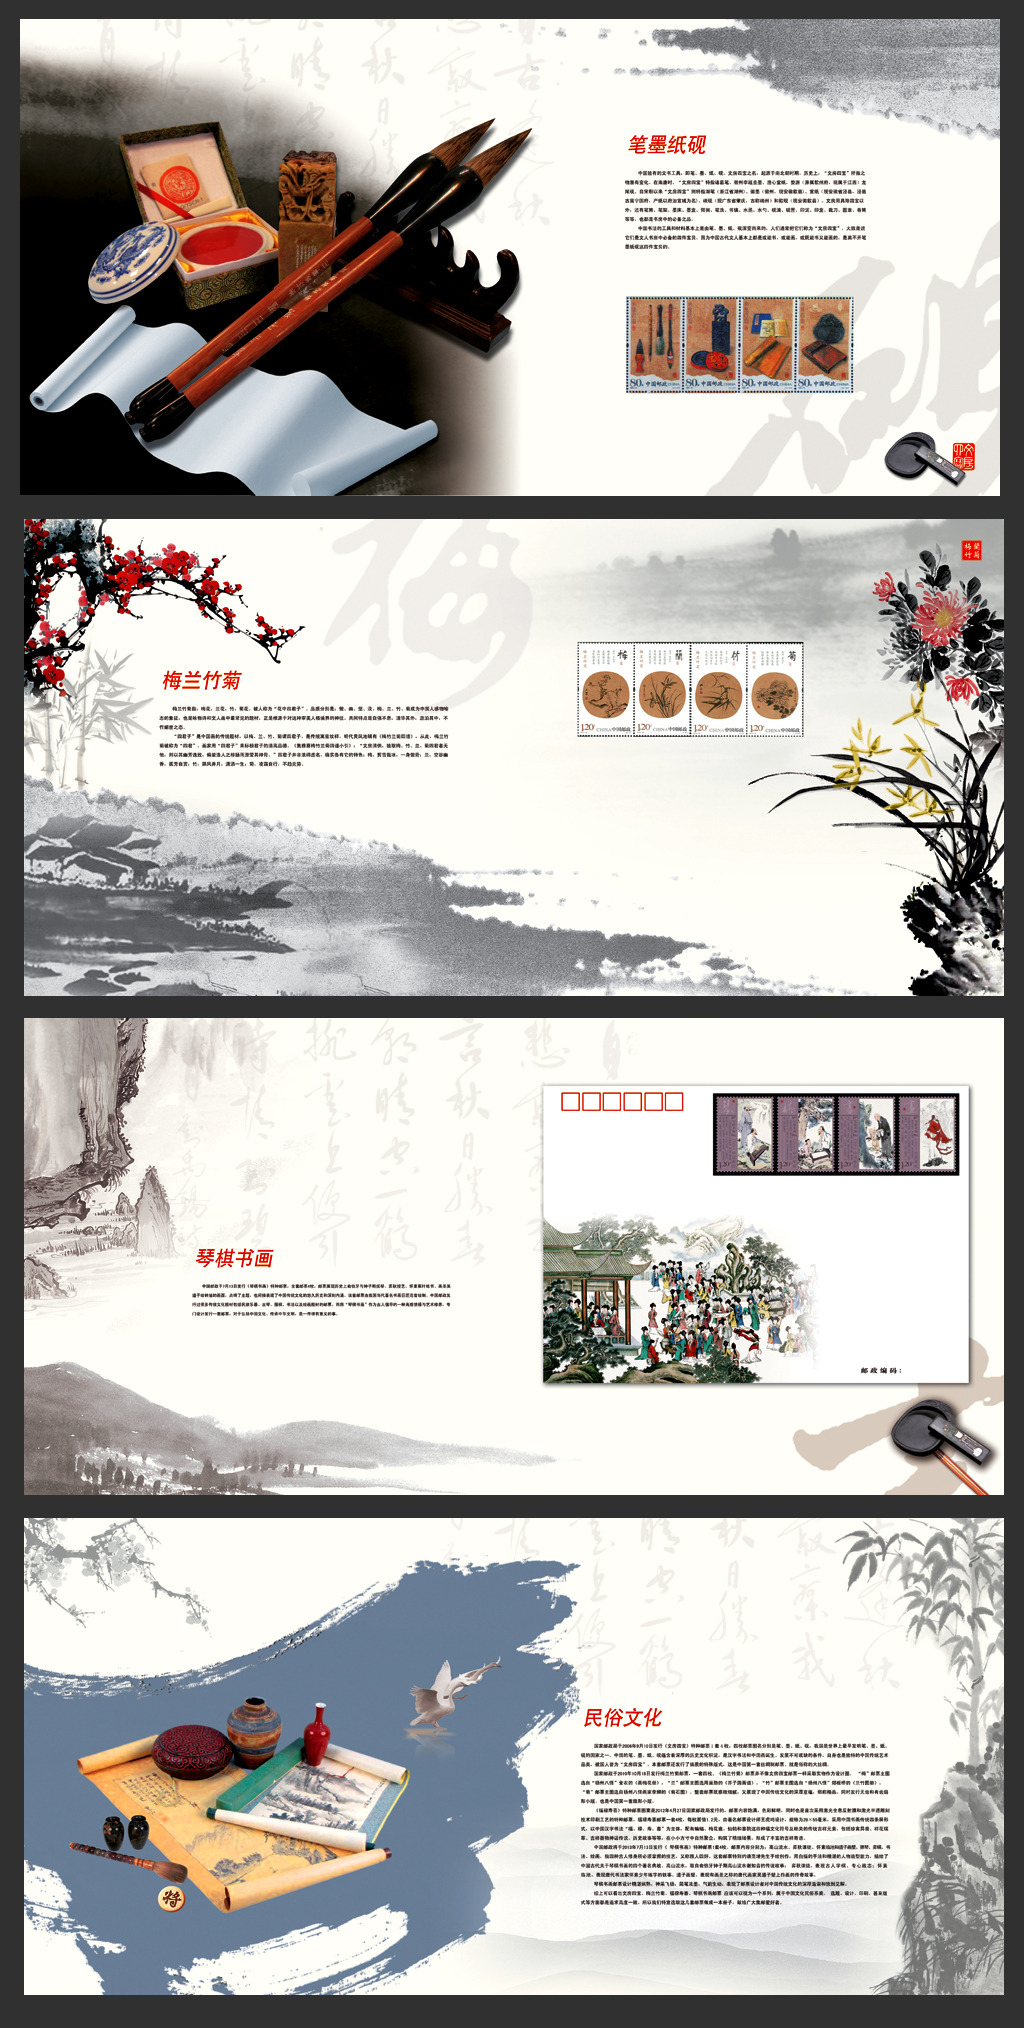 中国风传统文化水墨画册